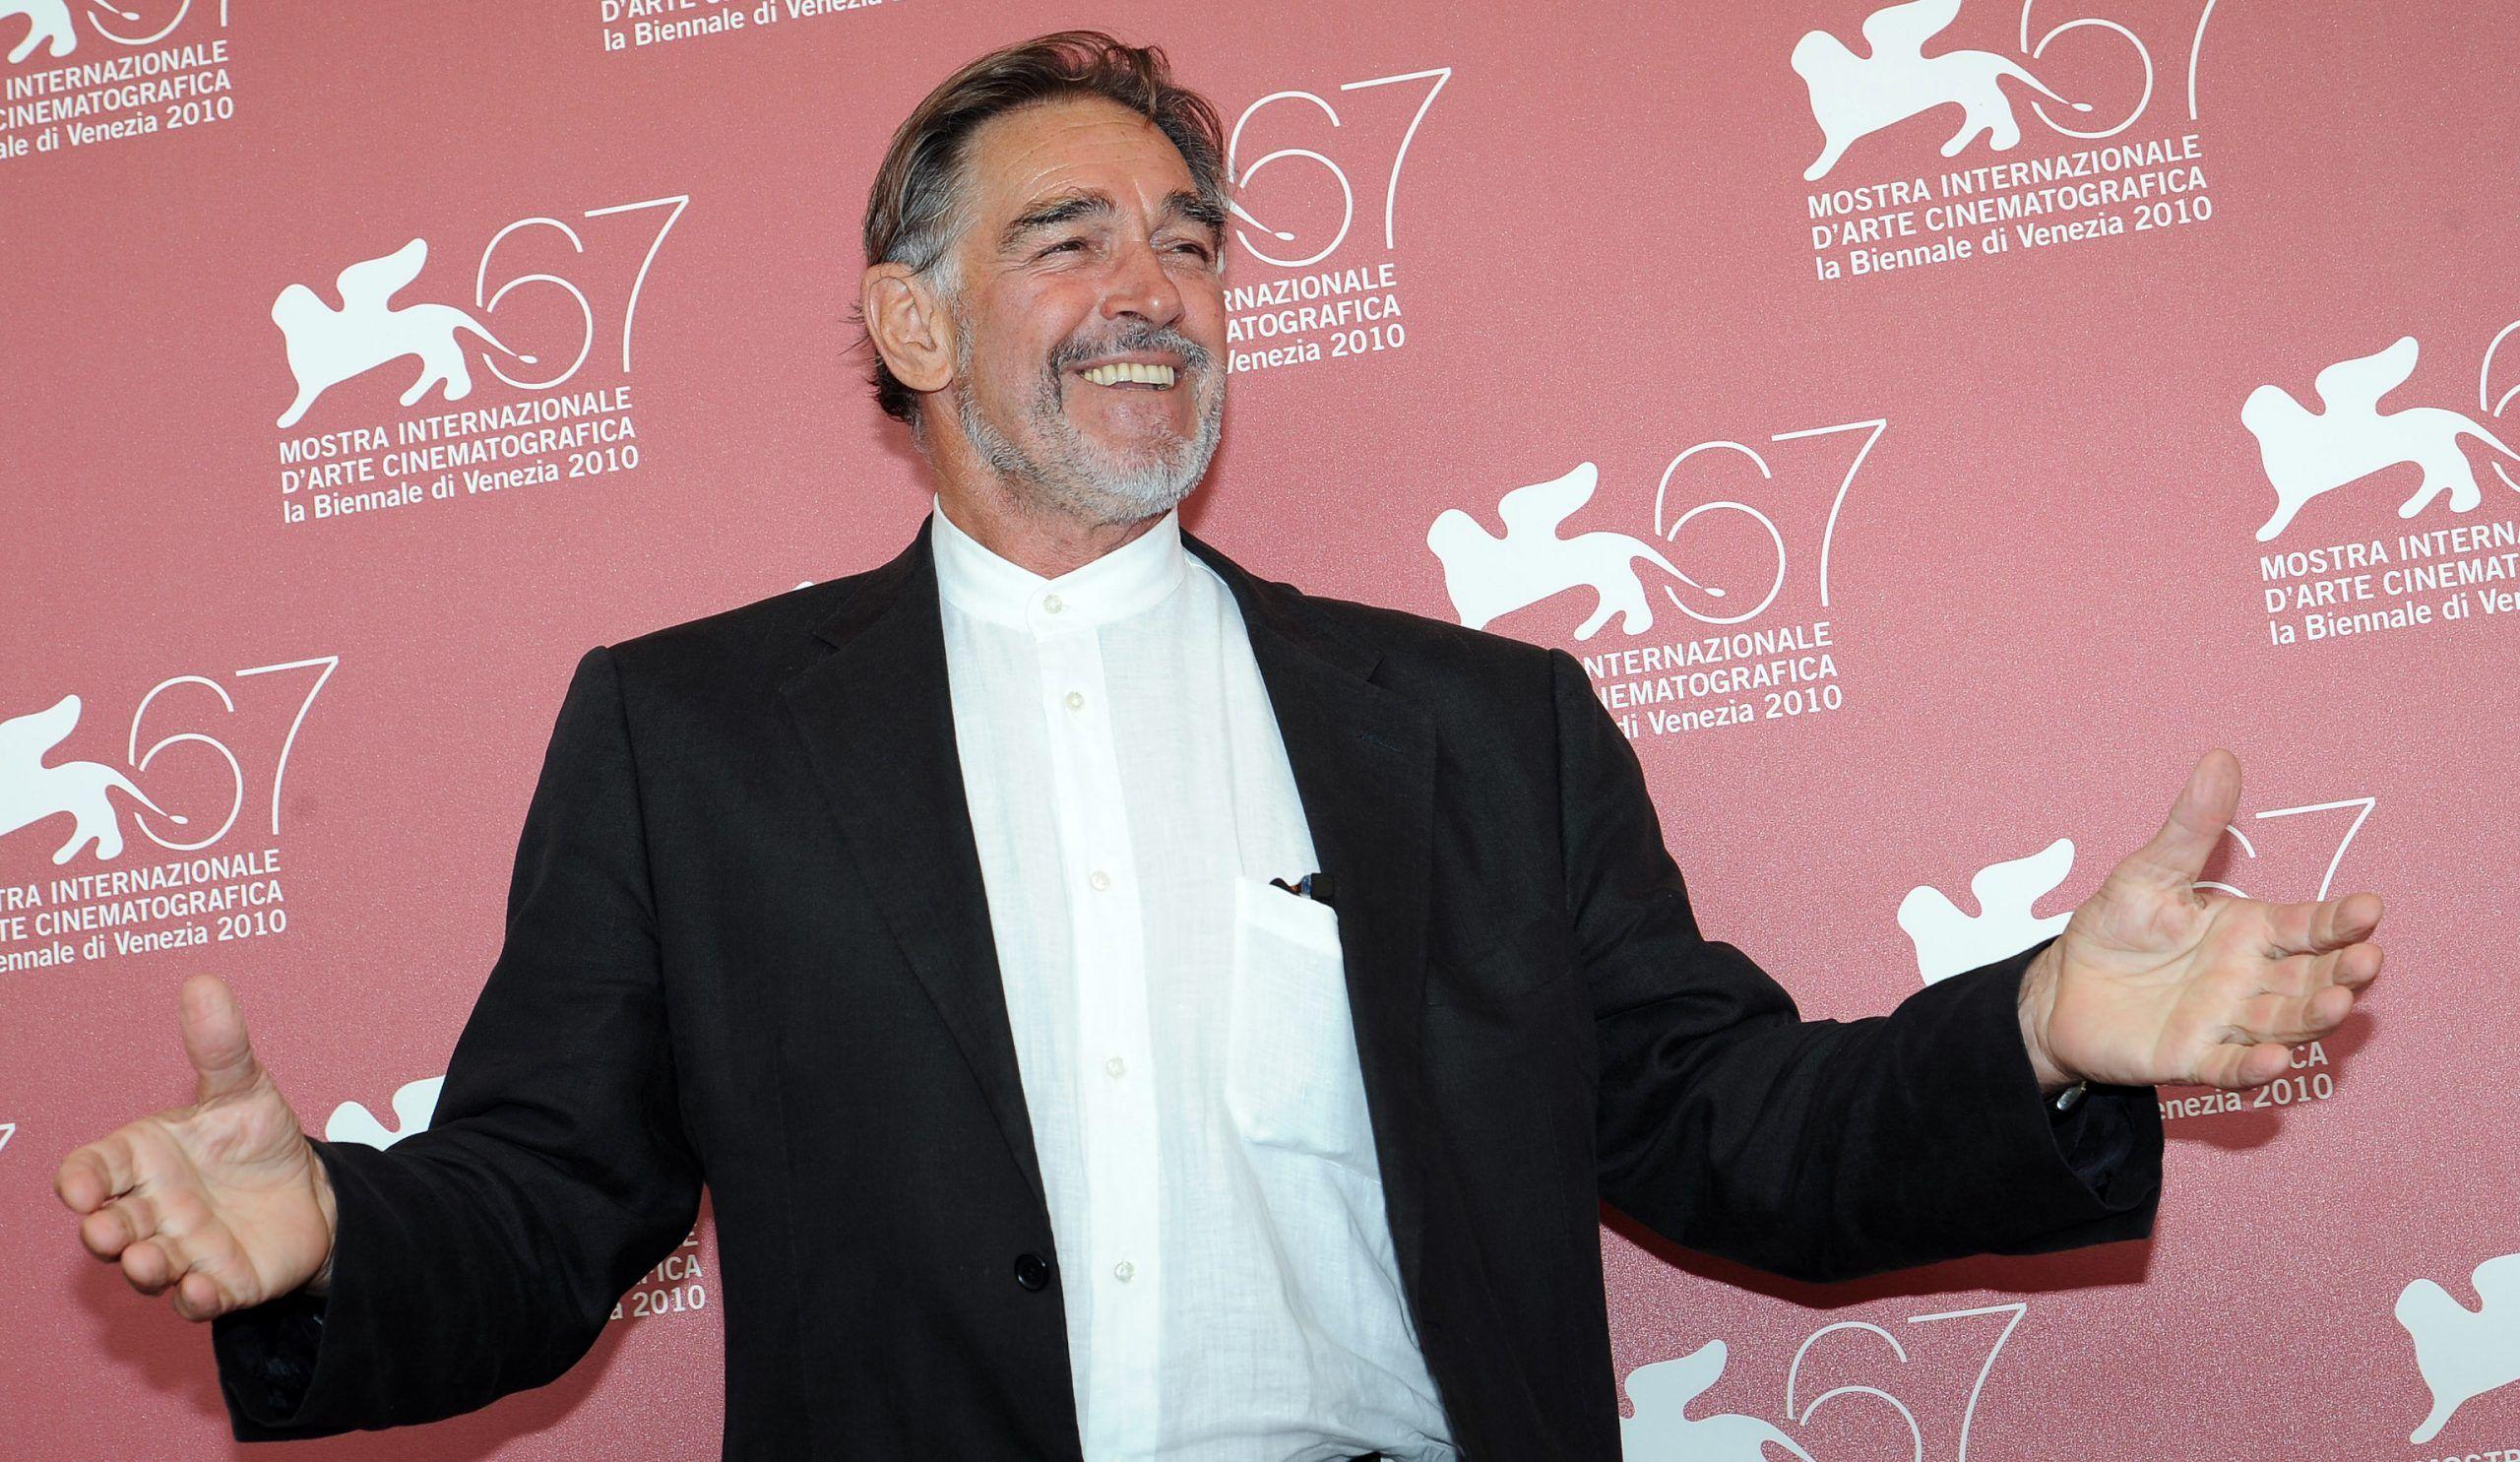 Fabio Testi: 'Per lavorare in Rai devo fare un tesserino da gay, poi uno da tossico per l'altro ambiente'